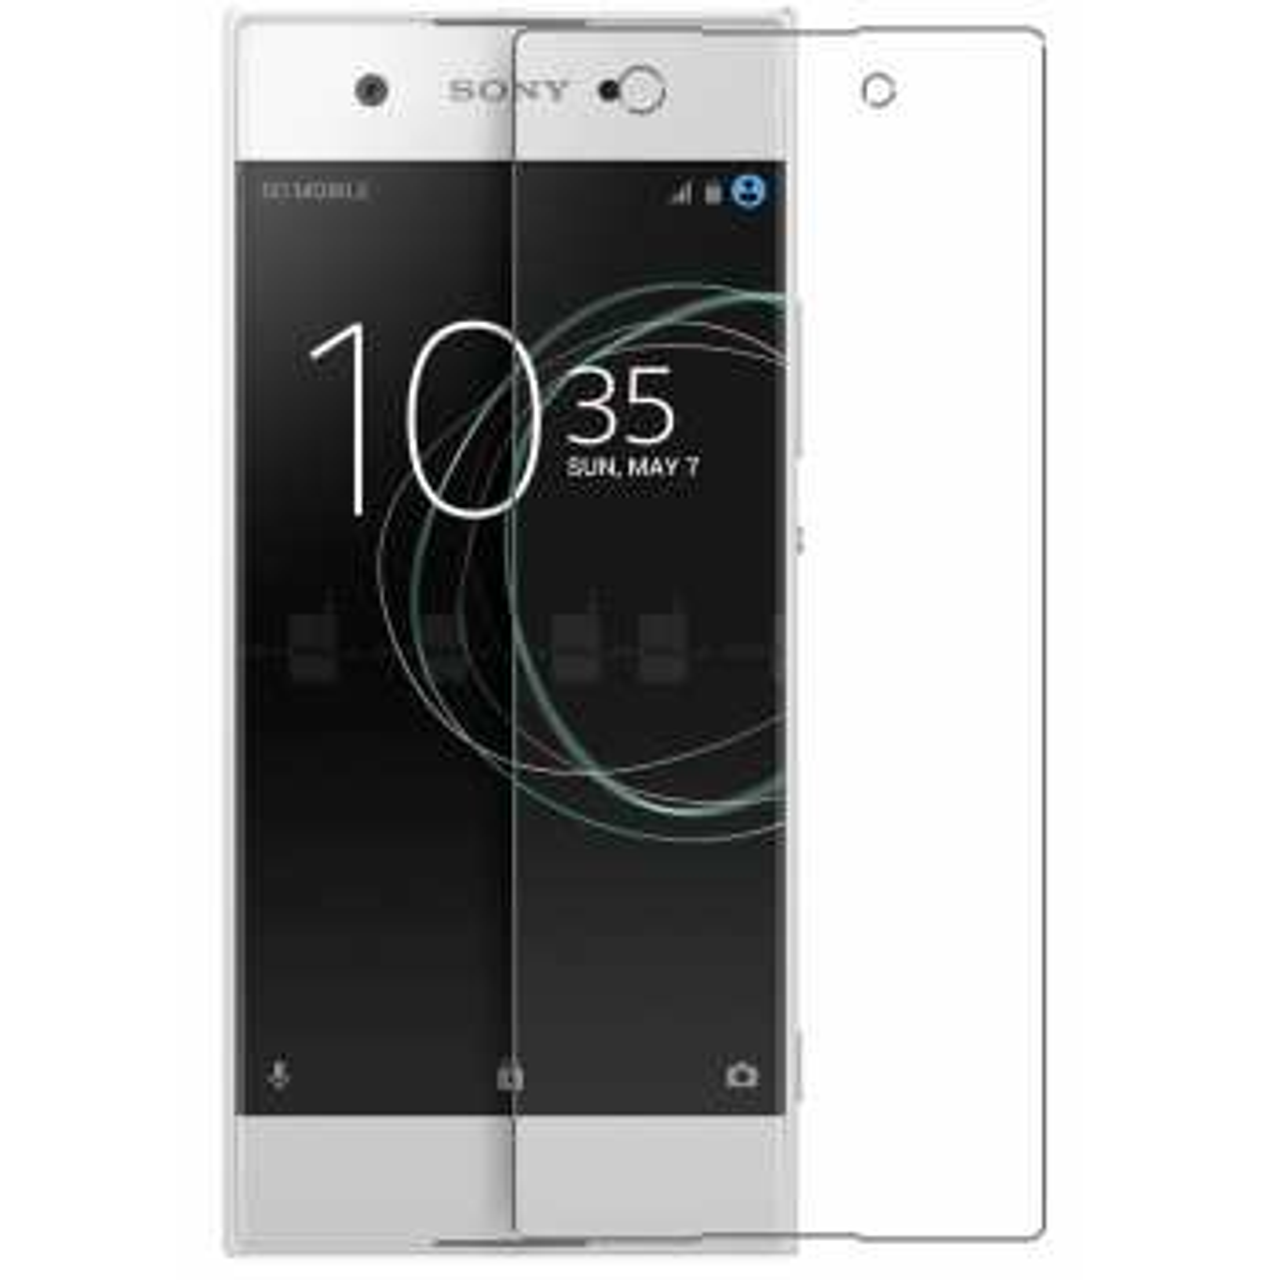 محافظ صفحه نمایش شیشه ای تمپرد مناسب برای گوشی موبایل سونی Xperia XA1